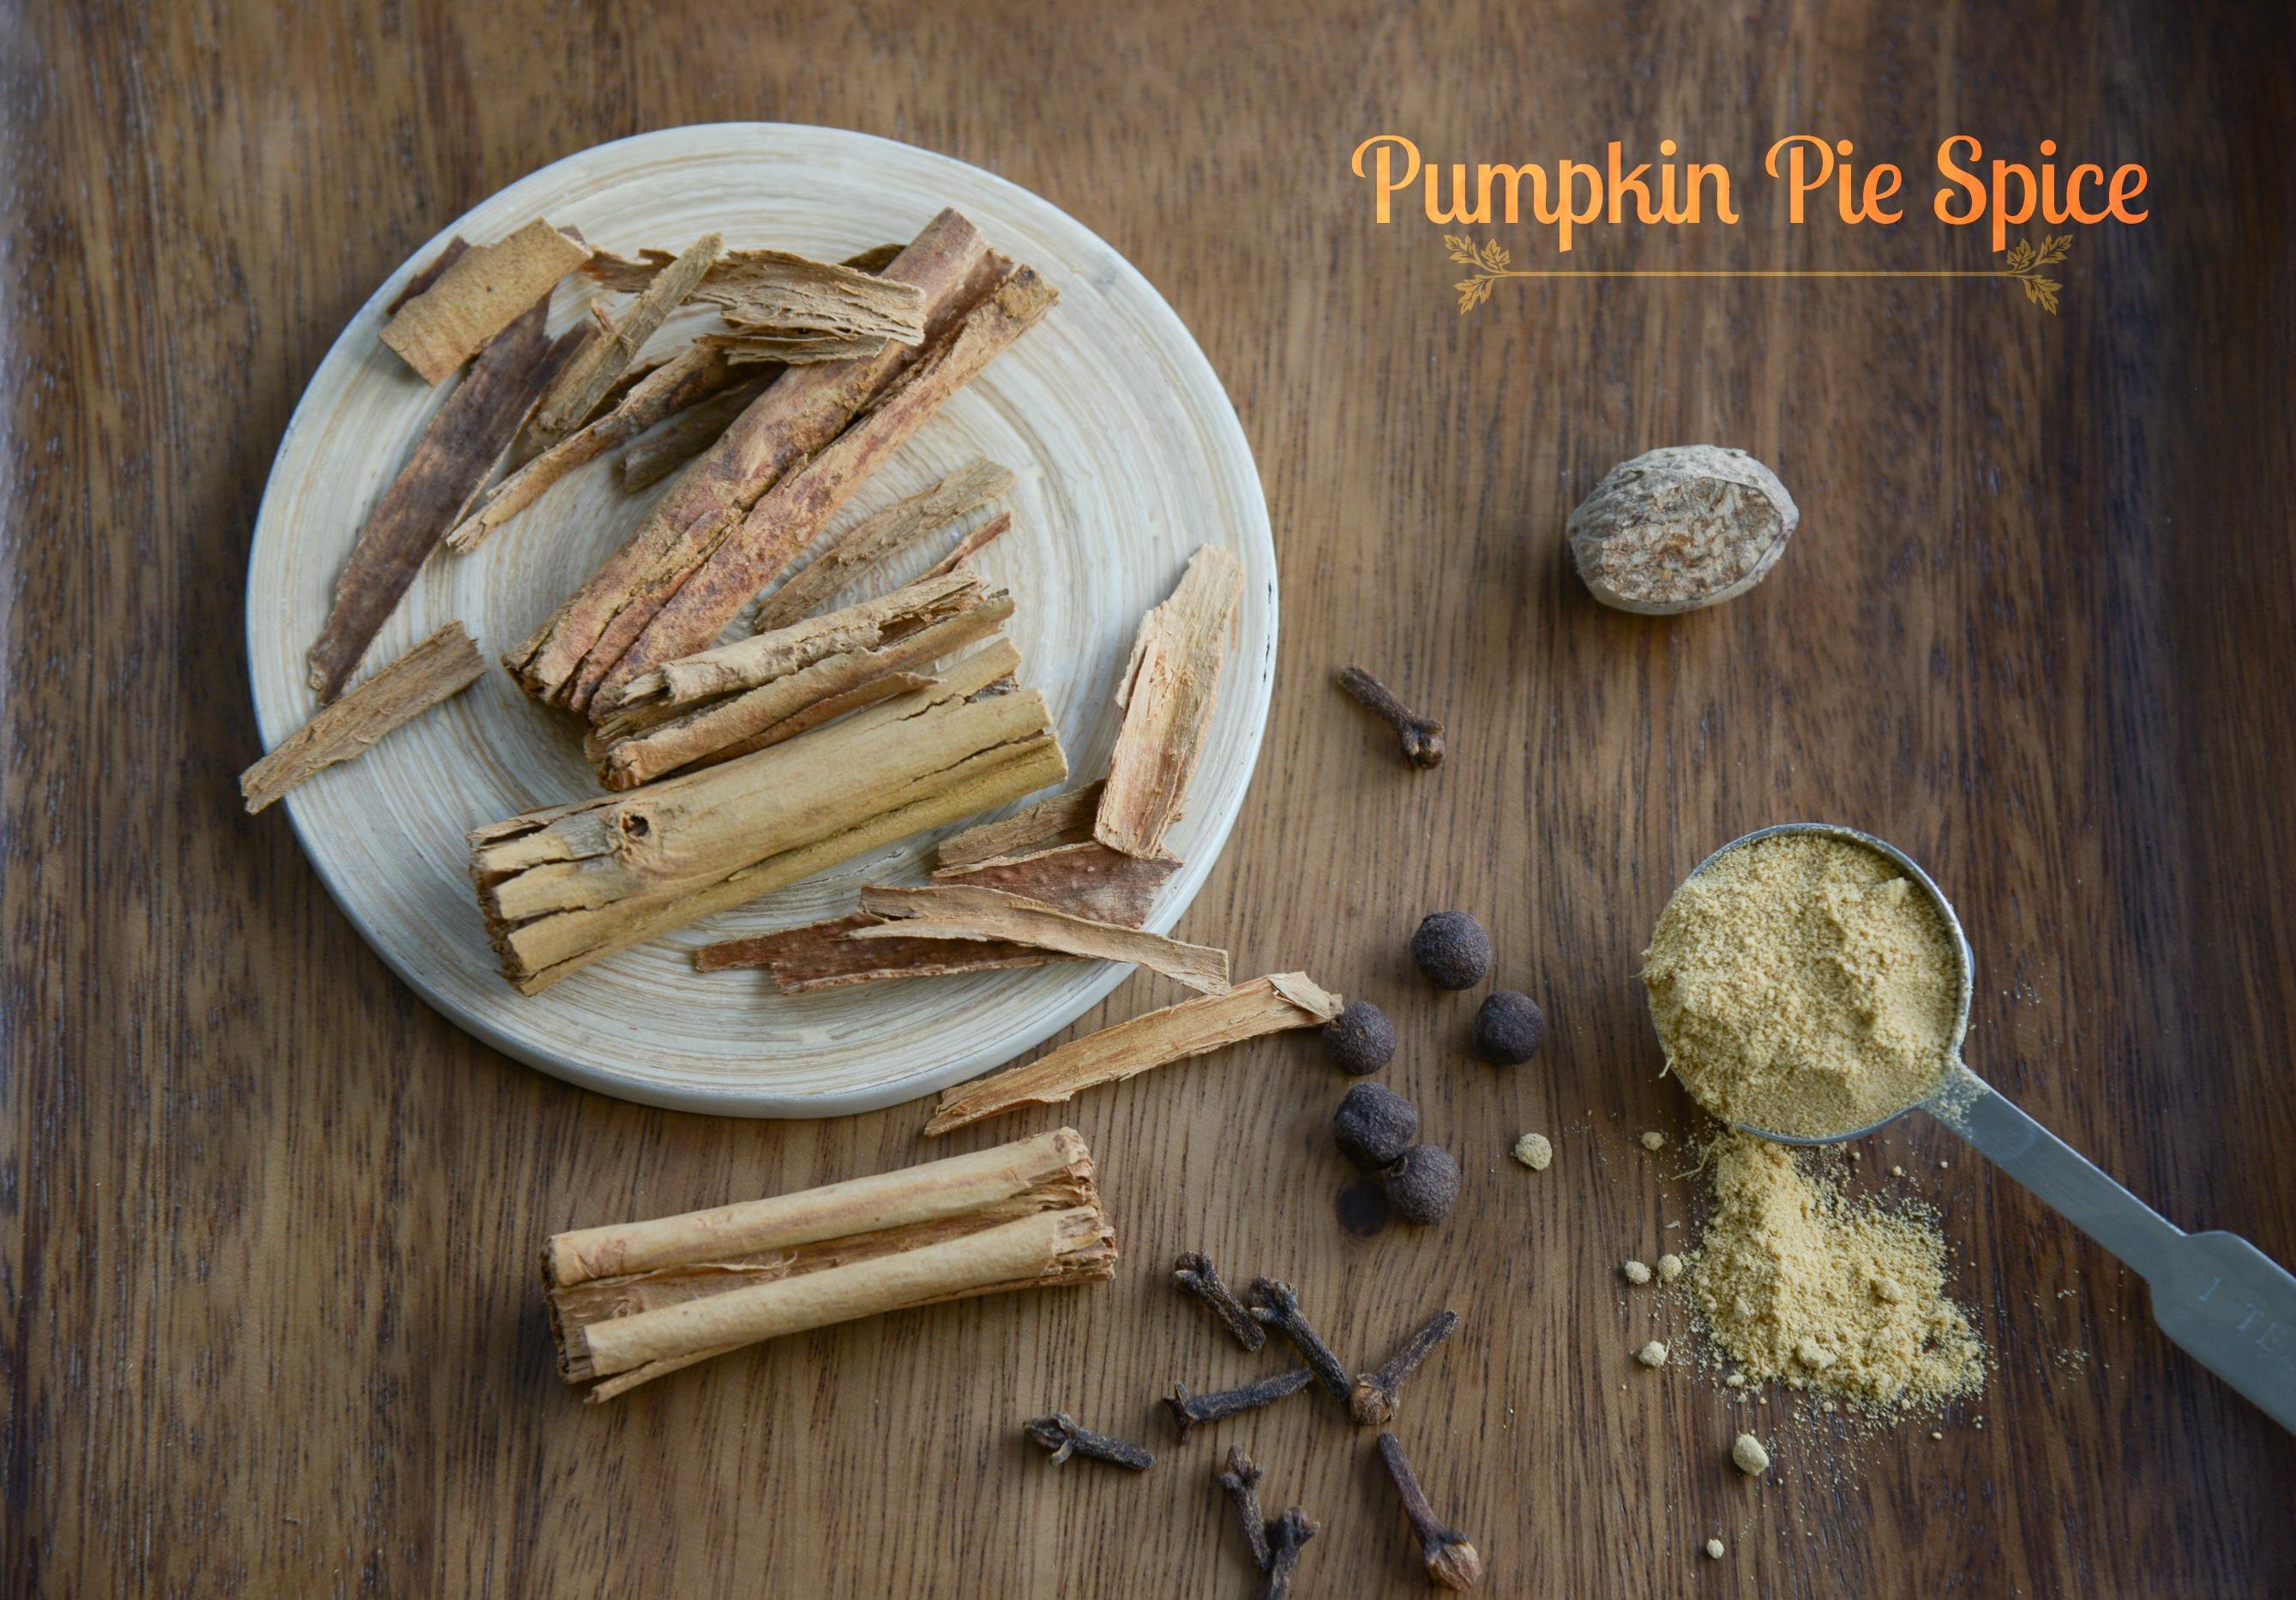 Pumpkin Pie Spice – hausgemacht! | Thermomaid